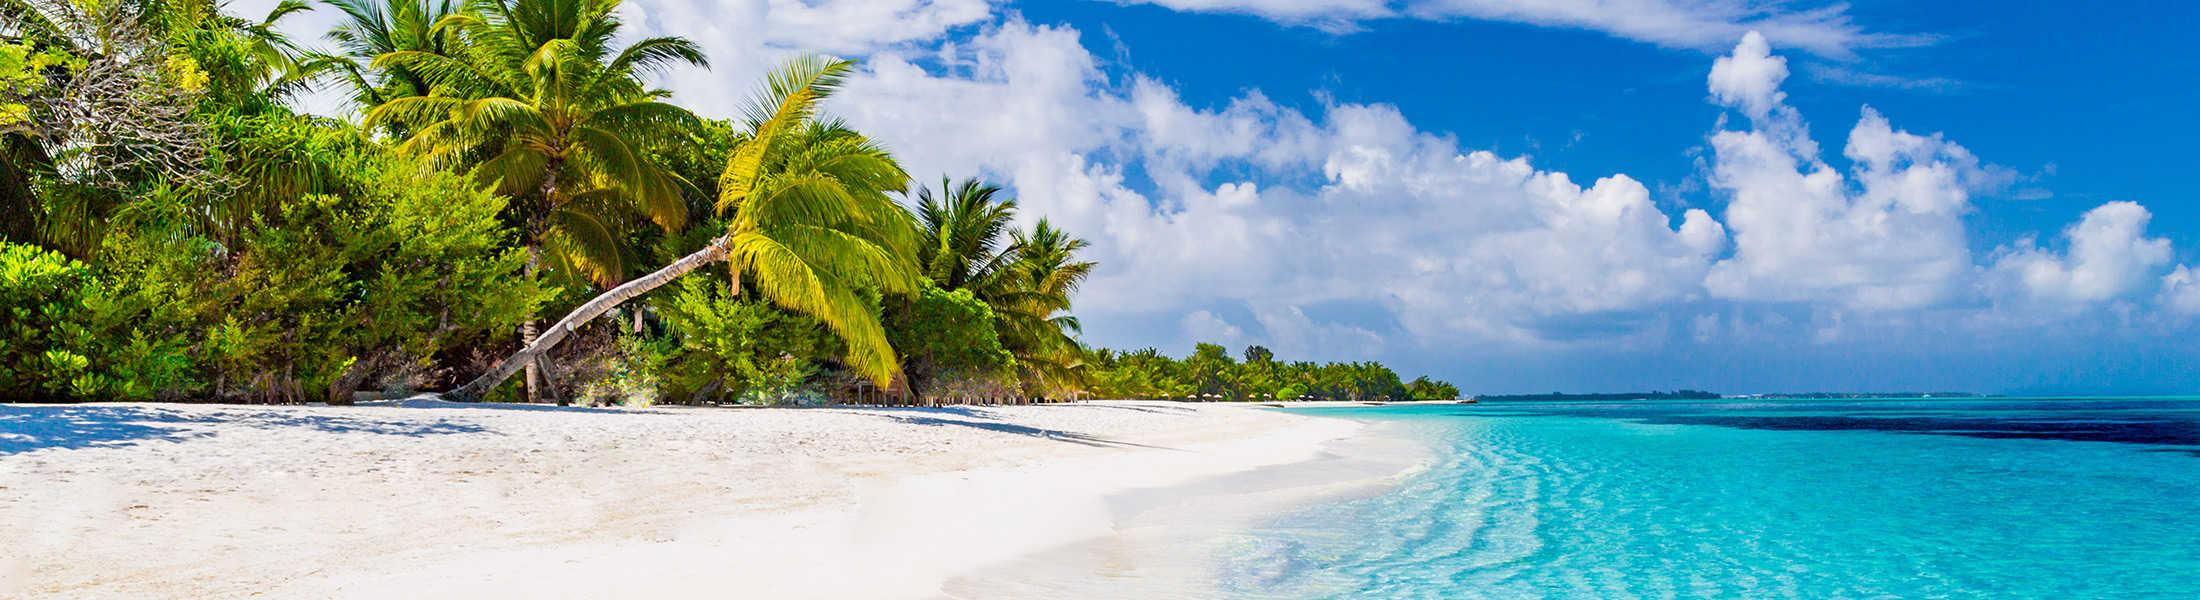 Maldives beach on a Dubai & Maldives twin-centre